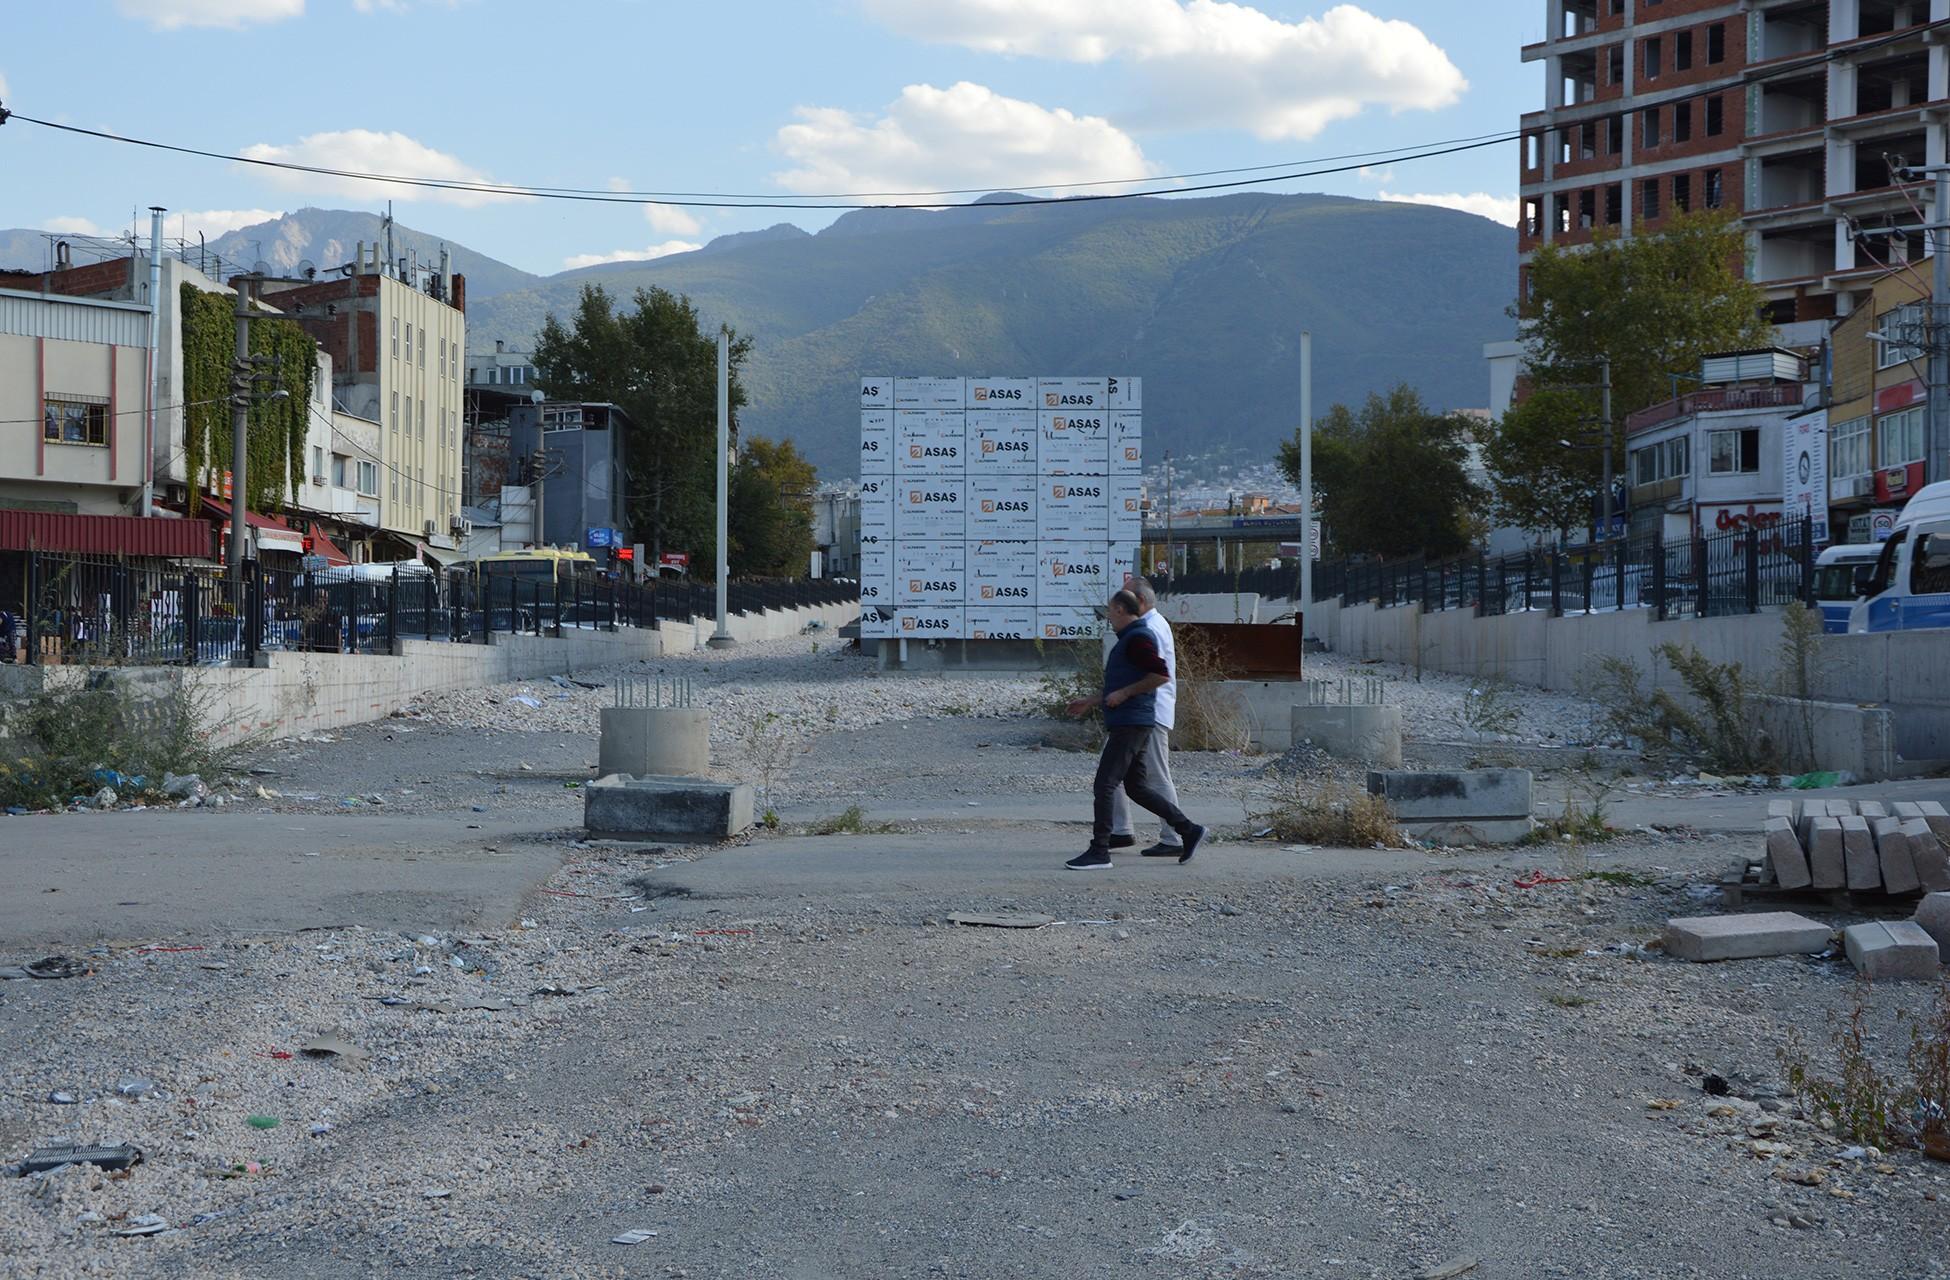 Bursa'da yapımı süren tramvay çalışması. İnşaat alanında iki kişi yürüyor.